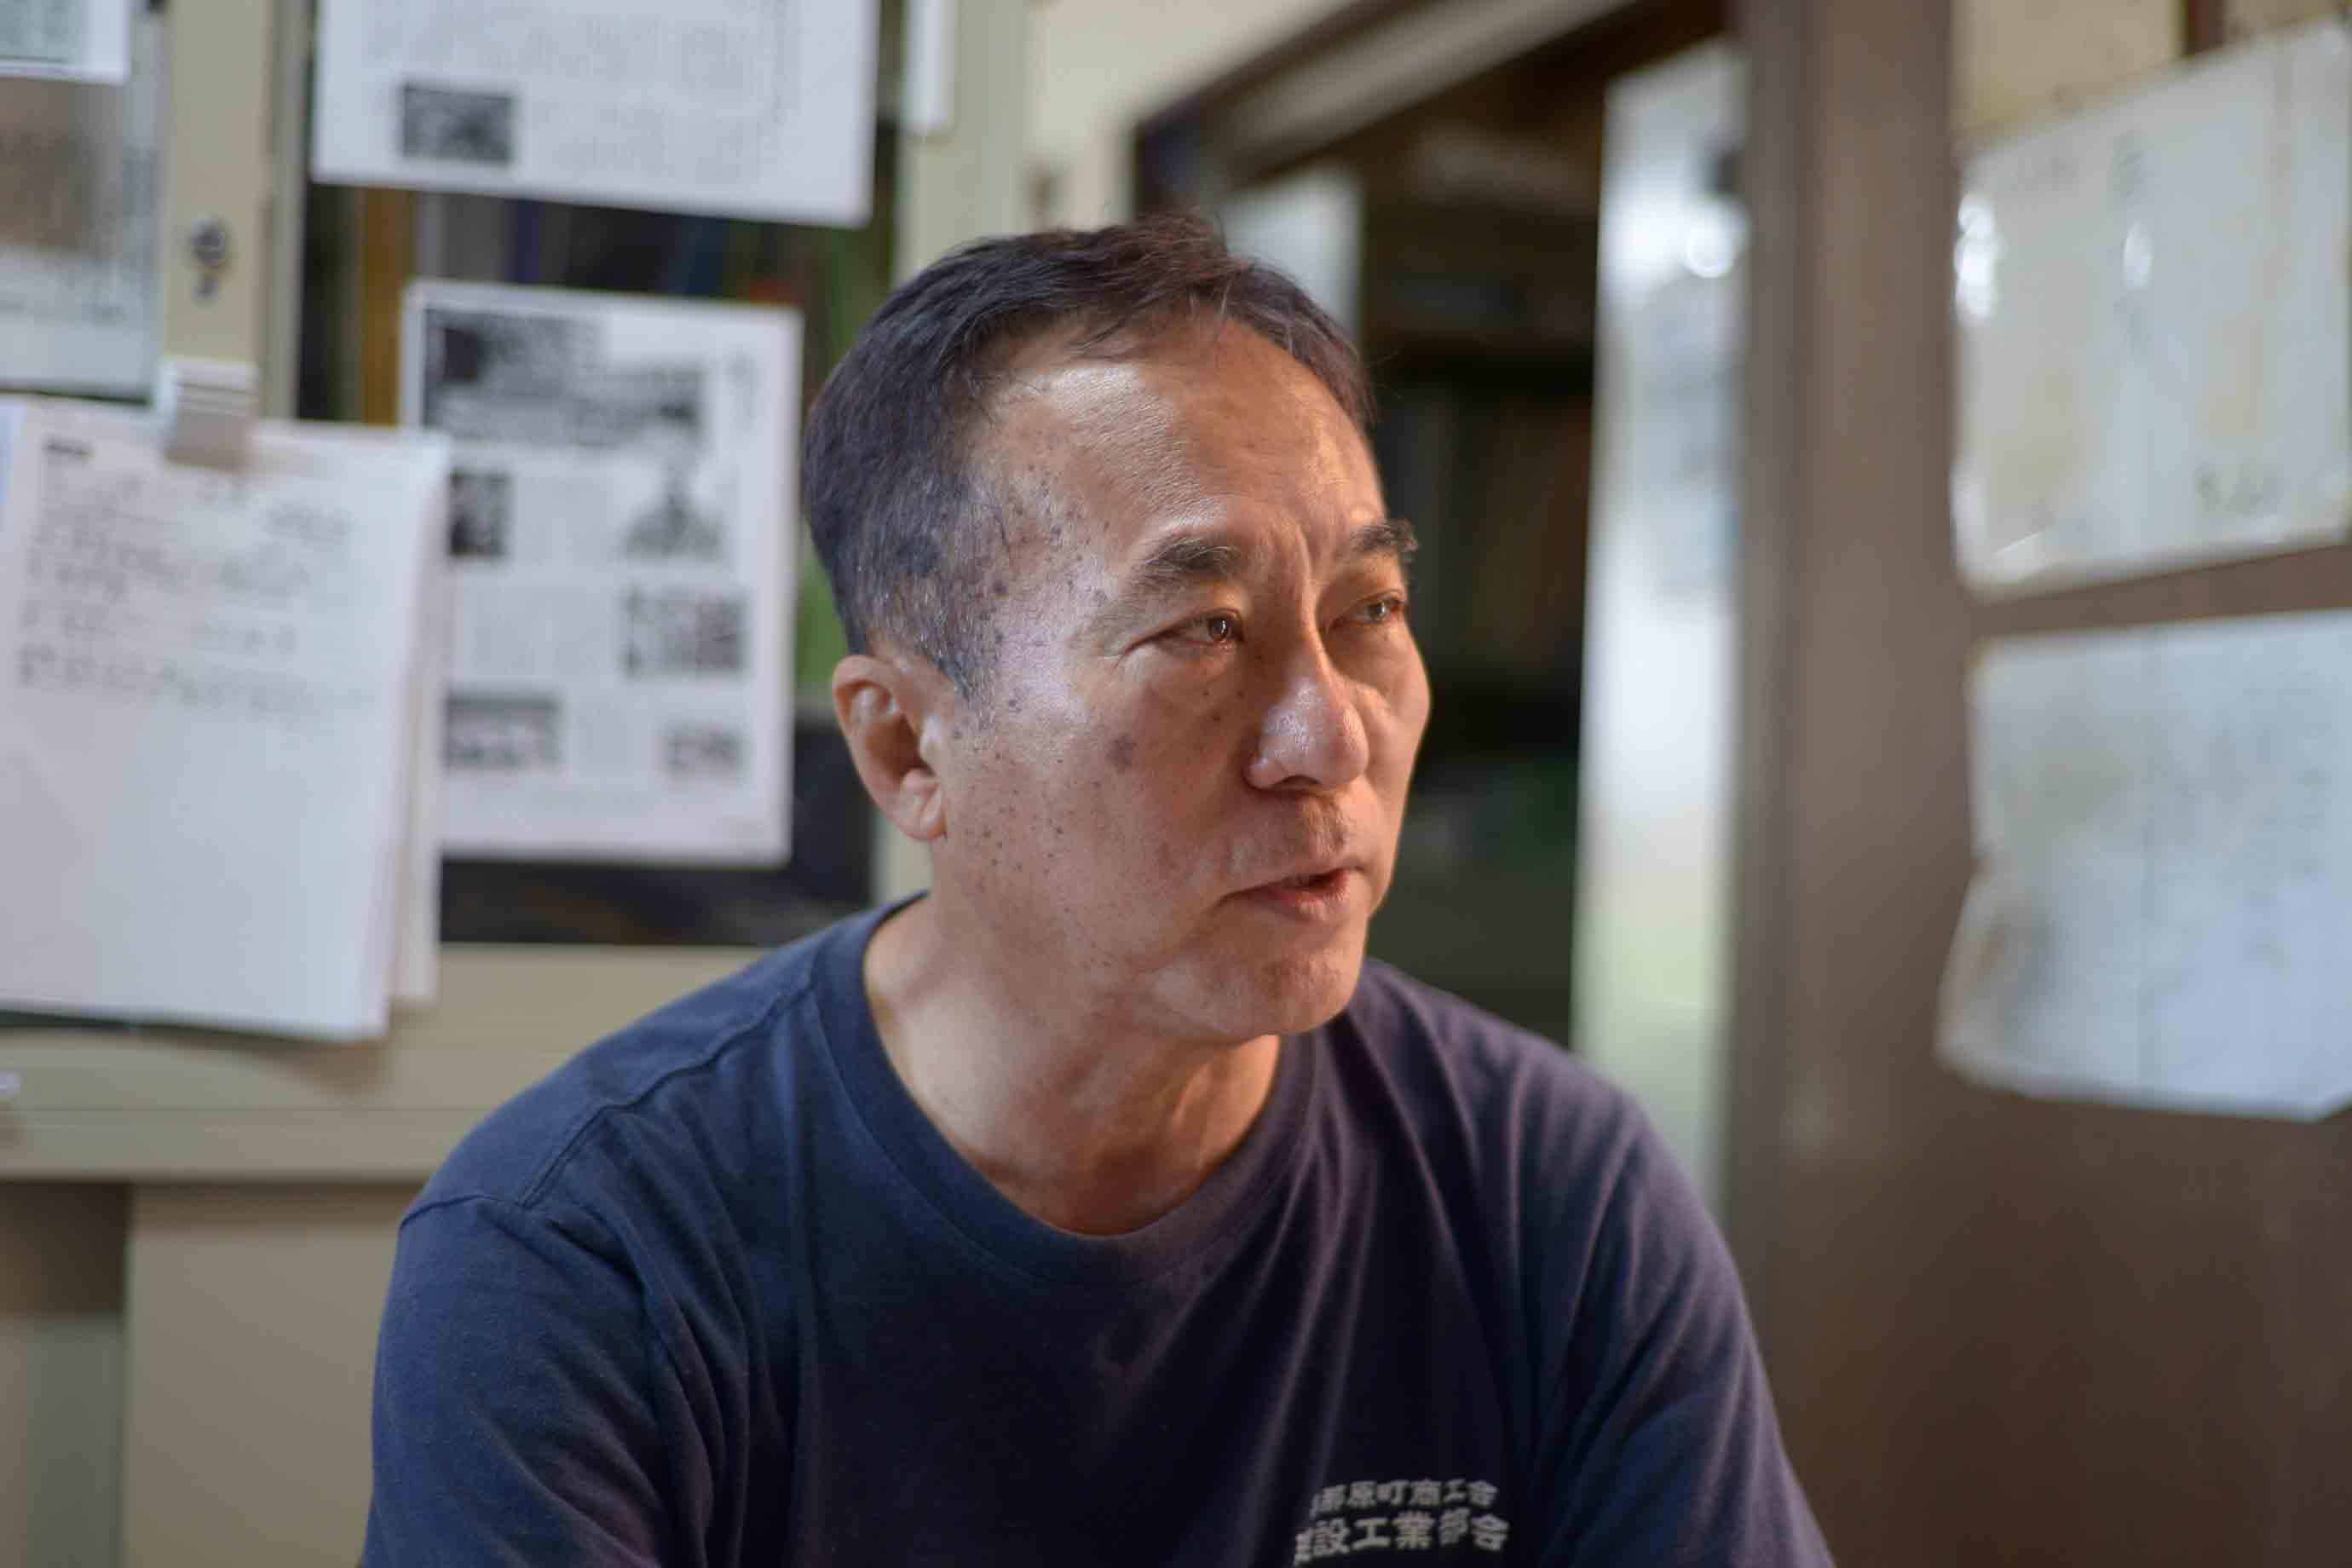 沖縄県赤瓦事業協同組合の代表理事も務める社長の八幡昇さんは、沖縄赤瓦造りの第一人者です